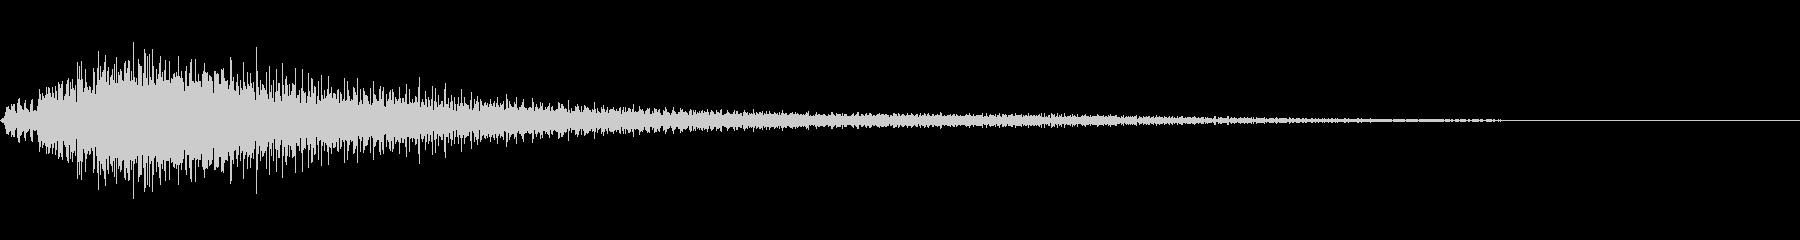 低音が効いたピアノジャラーン音の未再生の波形